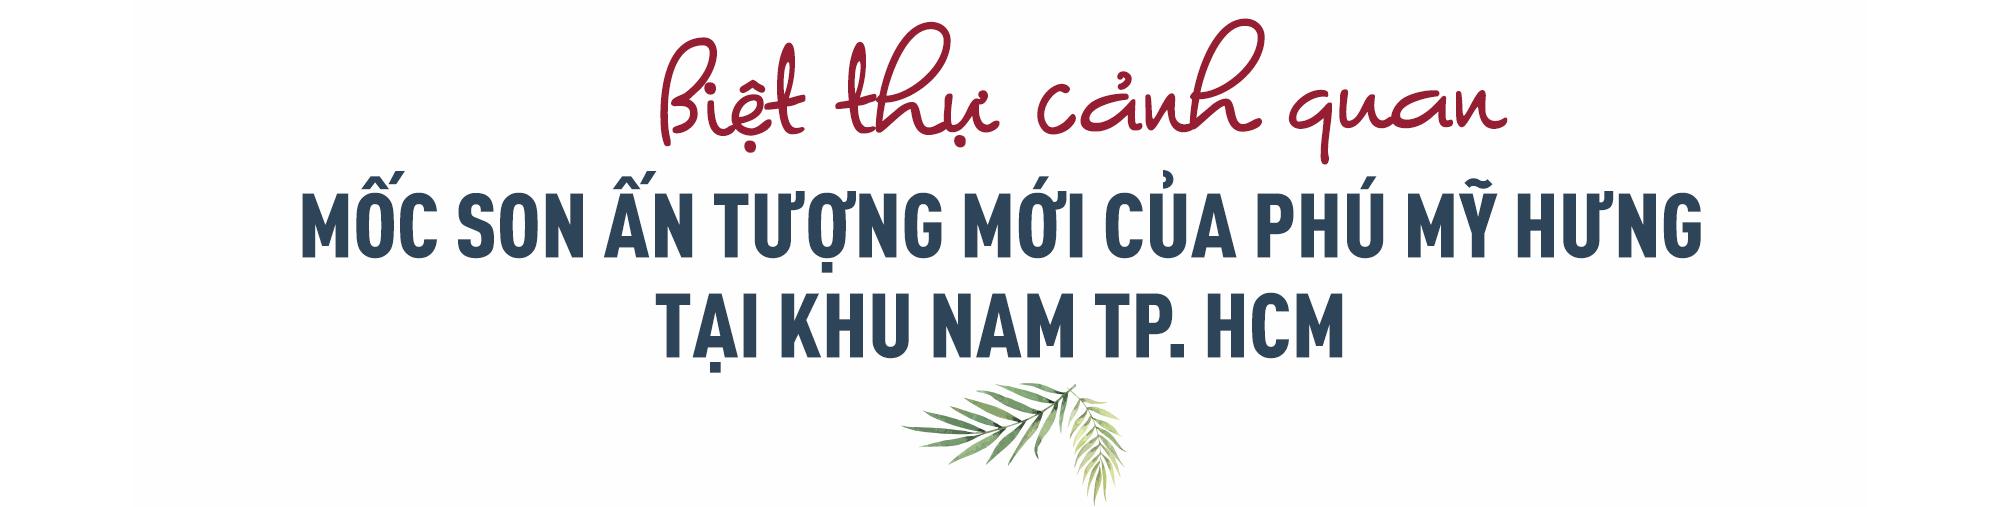 Biệt thự cảnh quan - Mốc son ấn tượng mới của Phú Mỹ Hưng tại khu Nam TP. HCM - Ảnh 1.